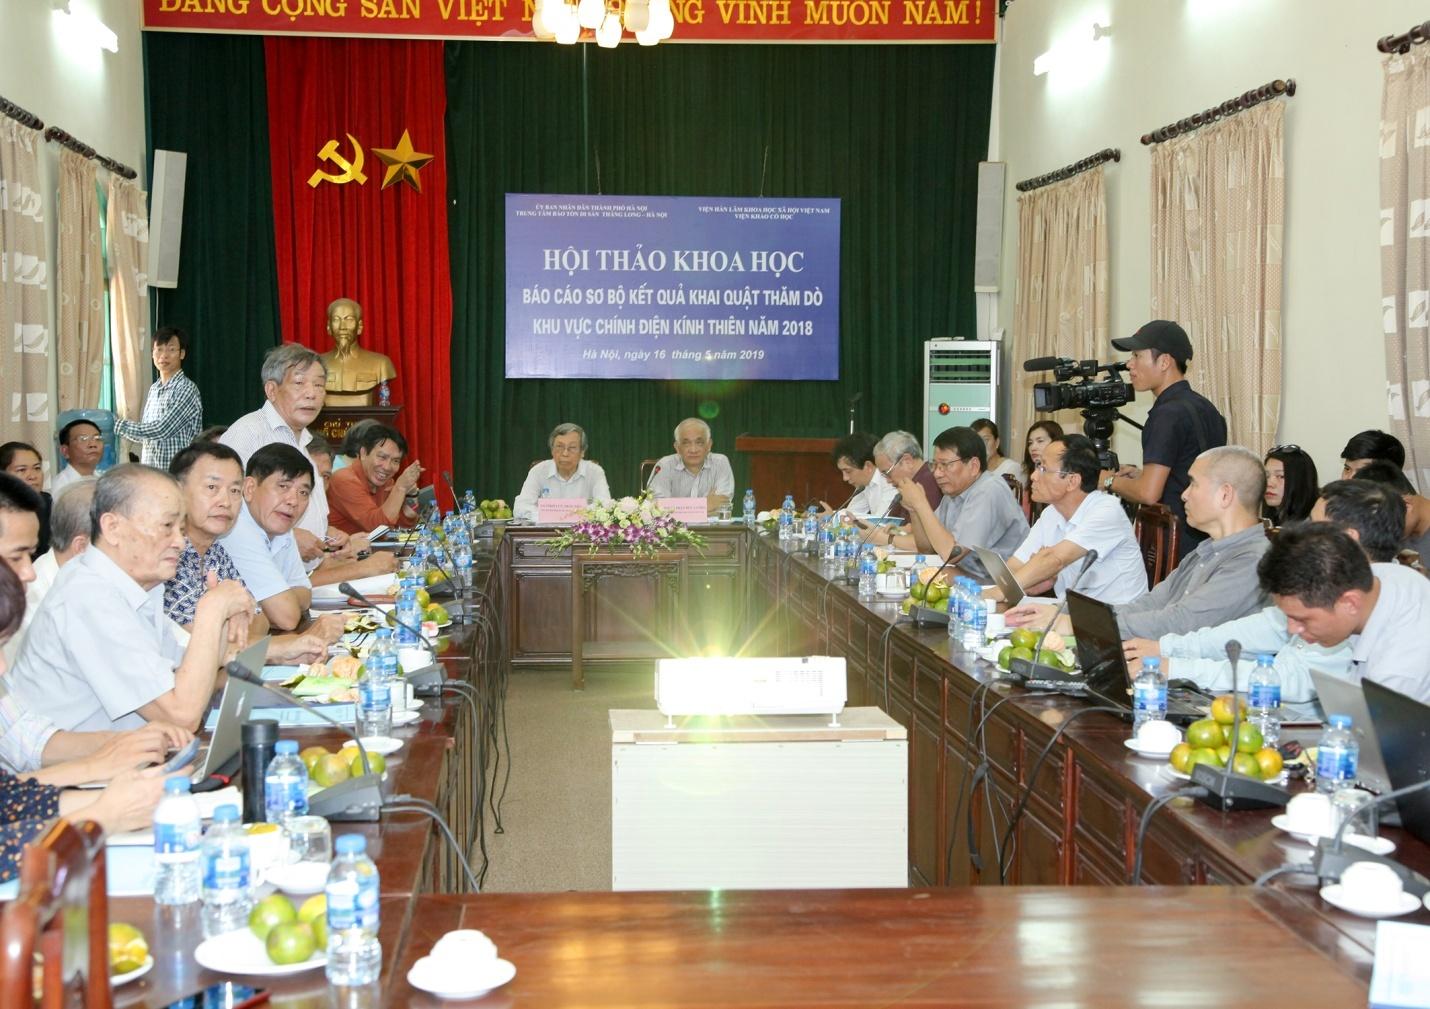 Kết quả khai quật mới tại Hoàng thành Thăng Long